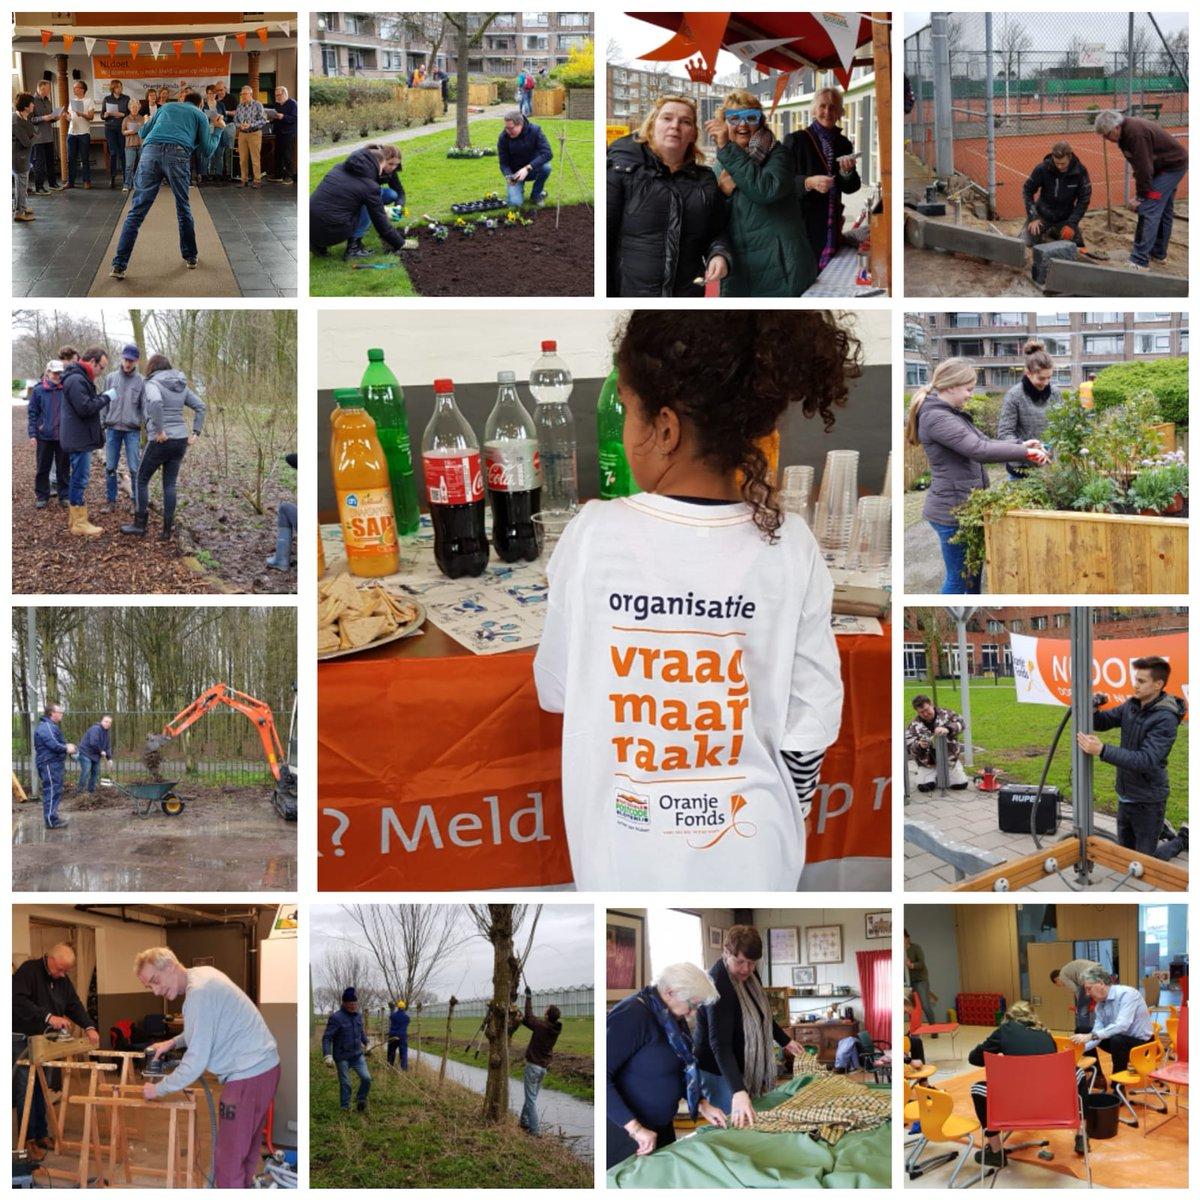 vrijwilligerMSL's photo on #NLdoet